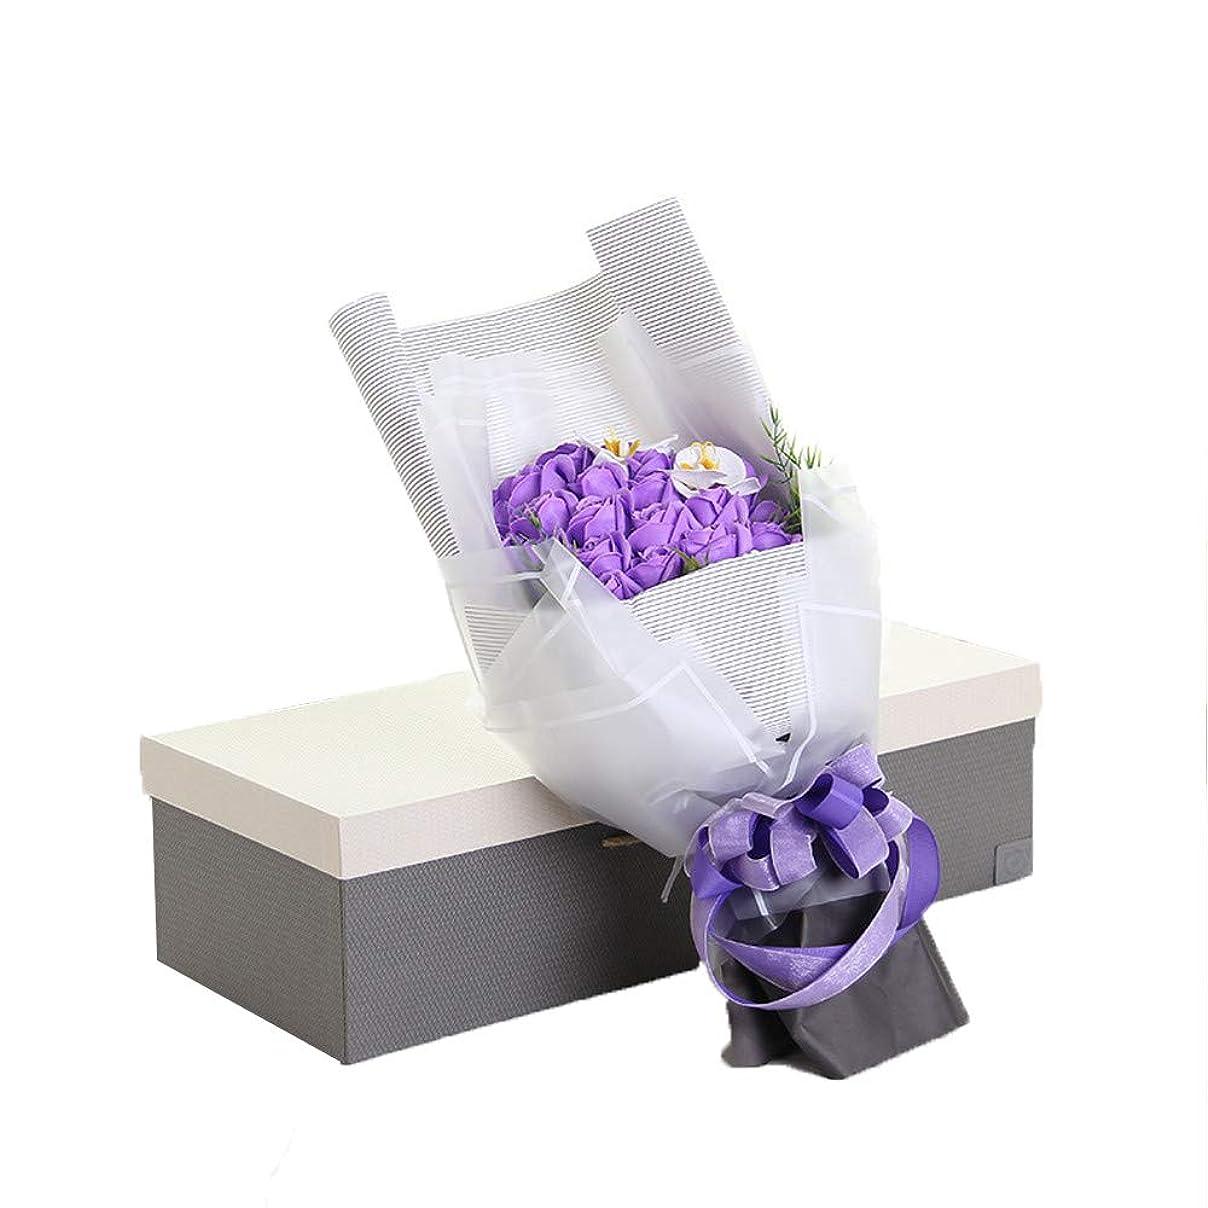 過度にのれん疎外手作り29石鹸花の花束ギフトボックス、女性のためのギフトバレンタインデー、母の日、結婚式、クリスマス、誕生日(ベアカラーランダム) (色 : 紫の)